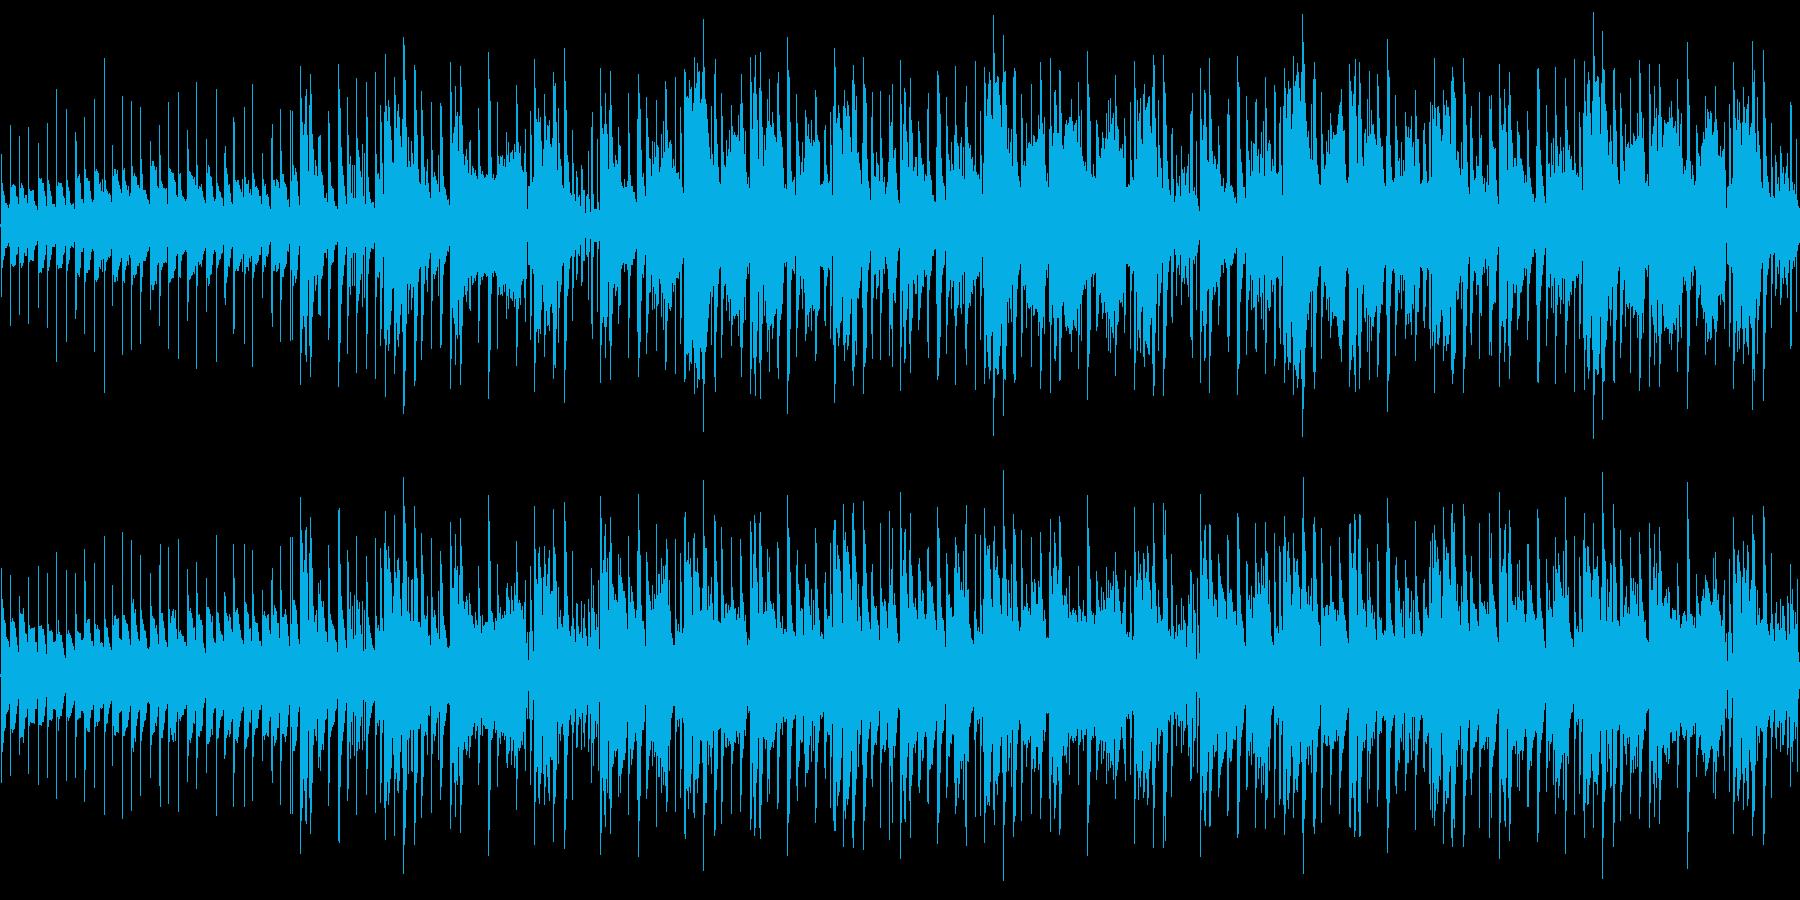 【エレクトロニカ/TRAP/ポップ】の再生済みの波形